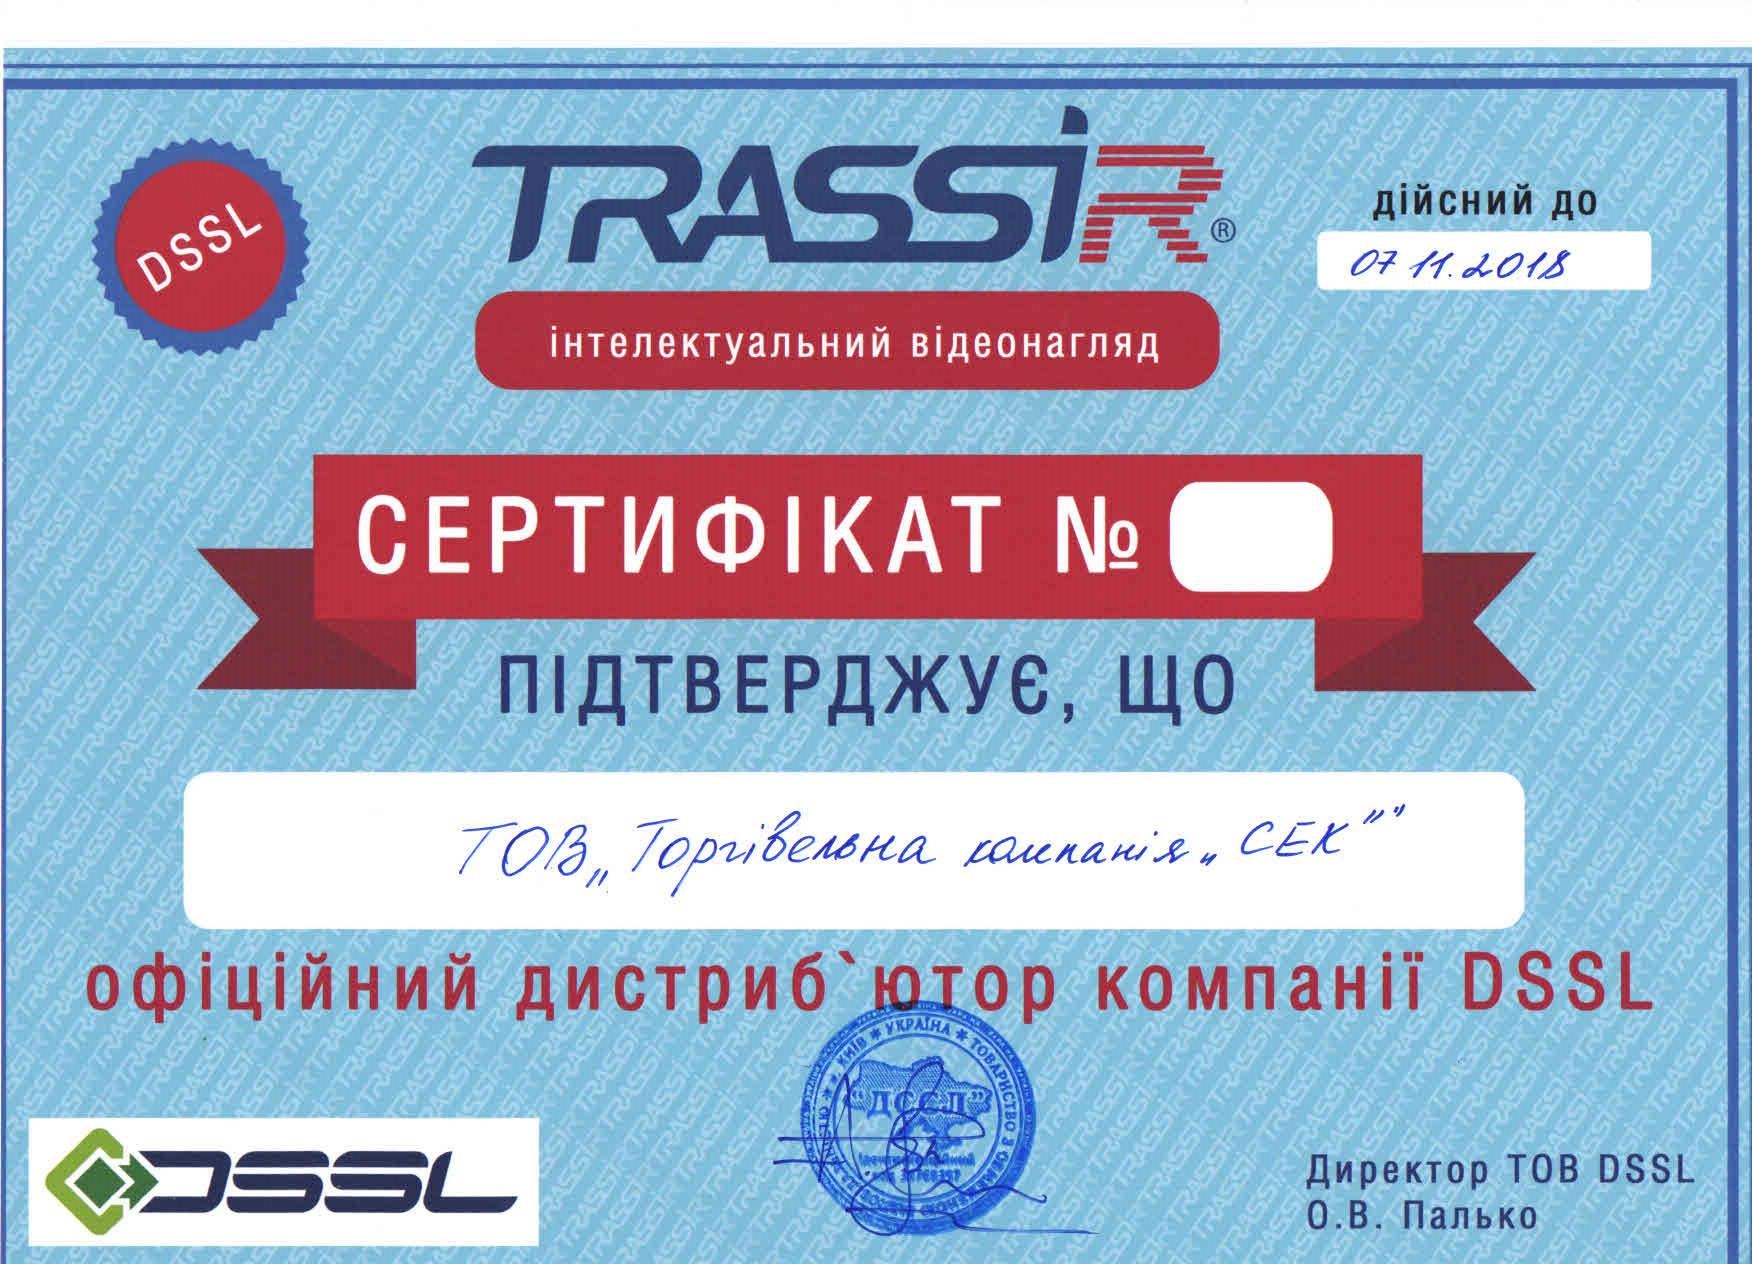 купить системы видеонаблюдения TRASSIR